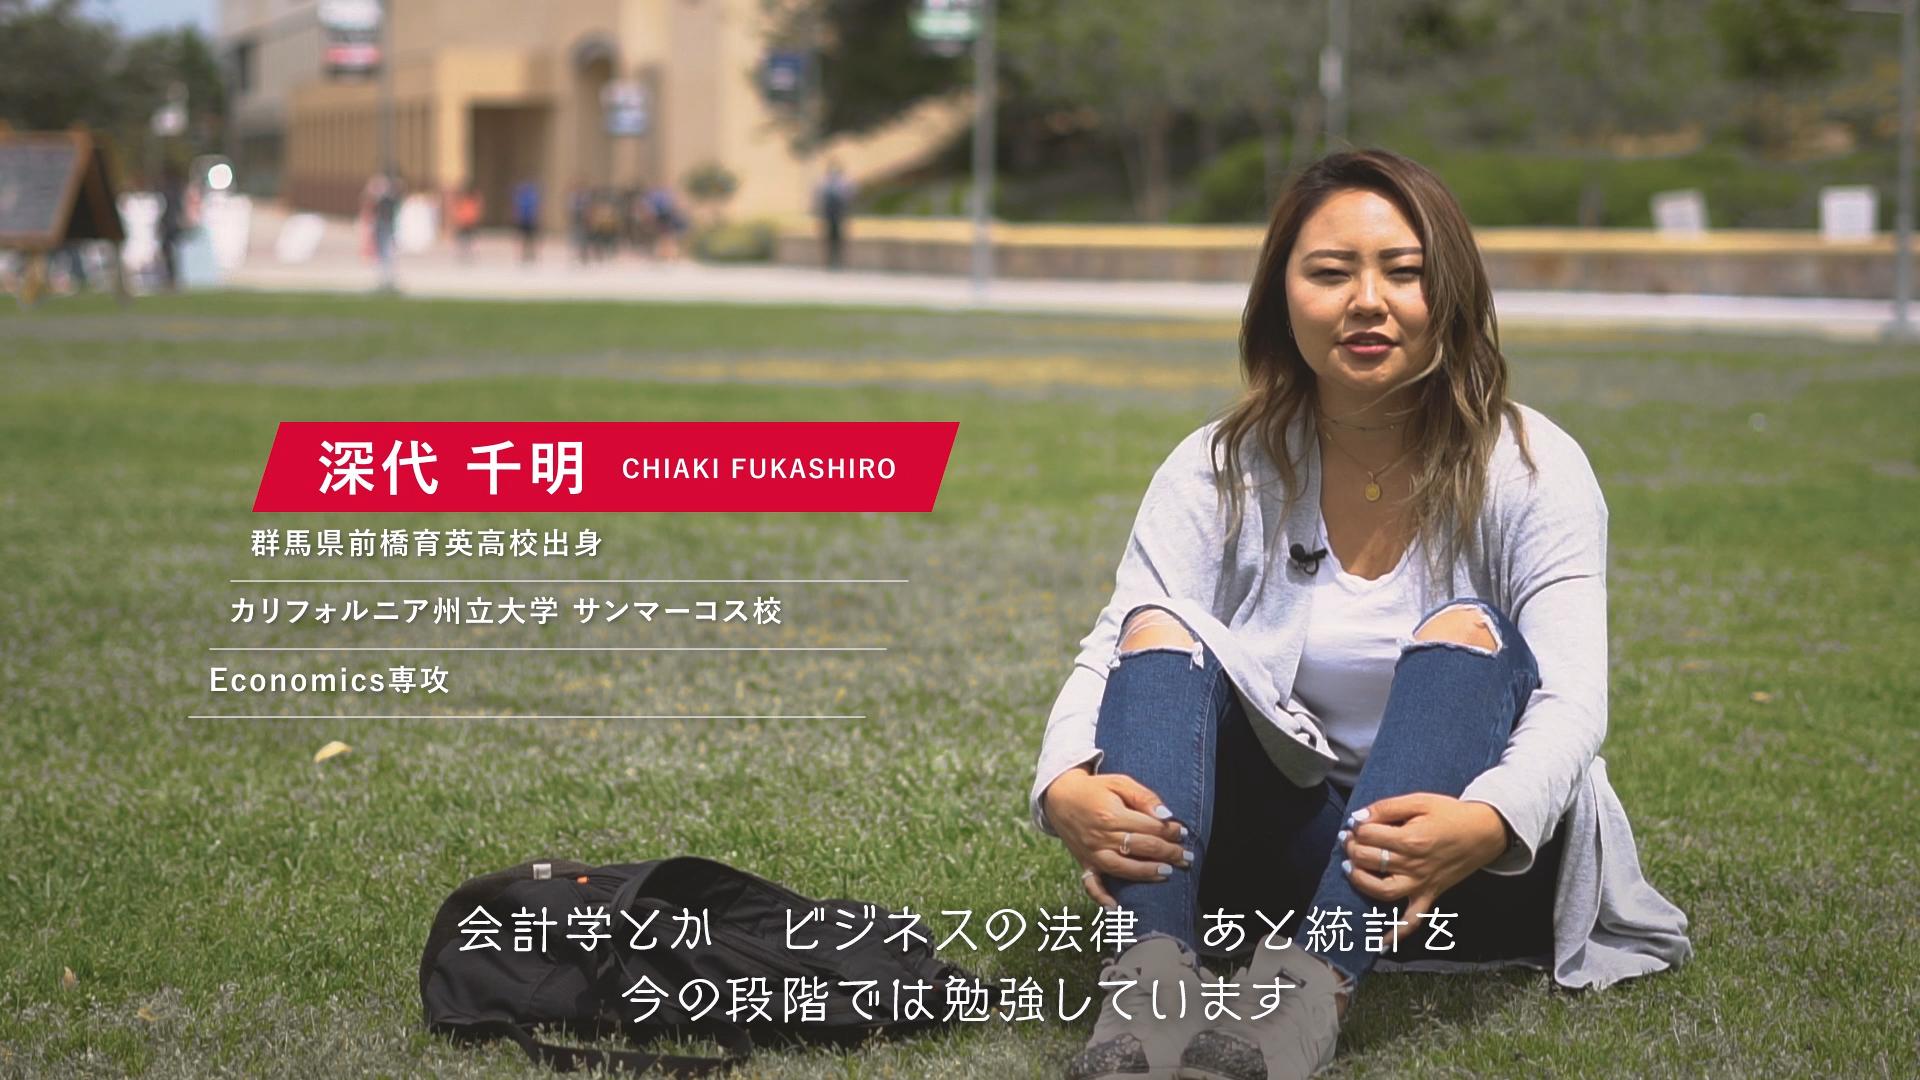 【海外大学3年次編入コース】卒業生インタビュー(サンマーコス校)